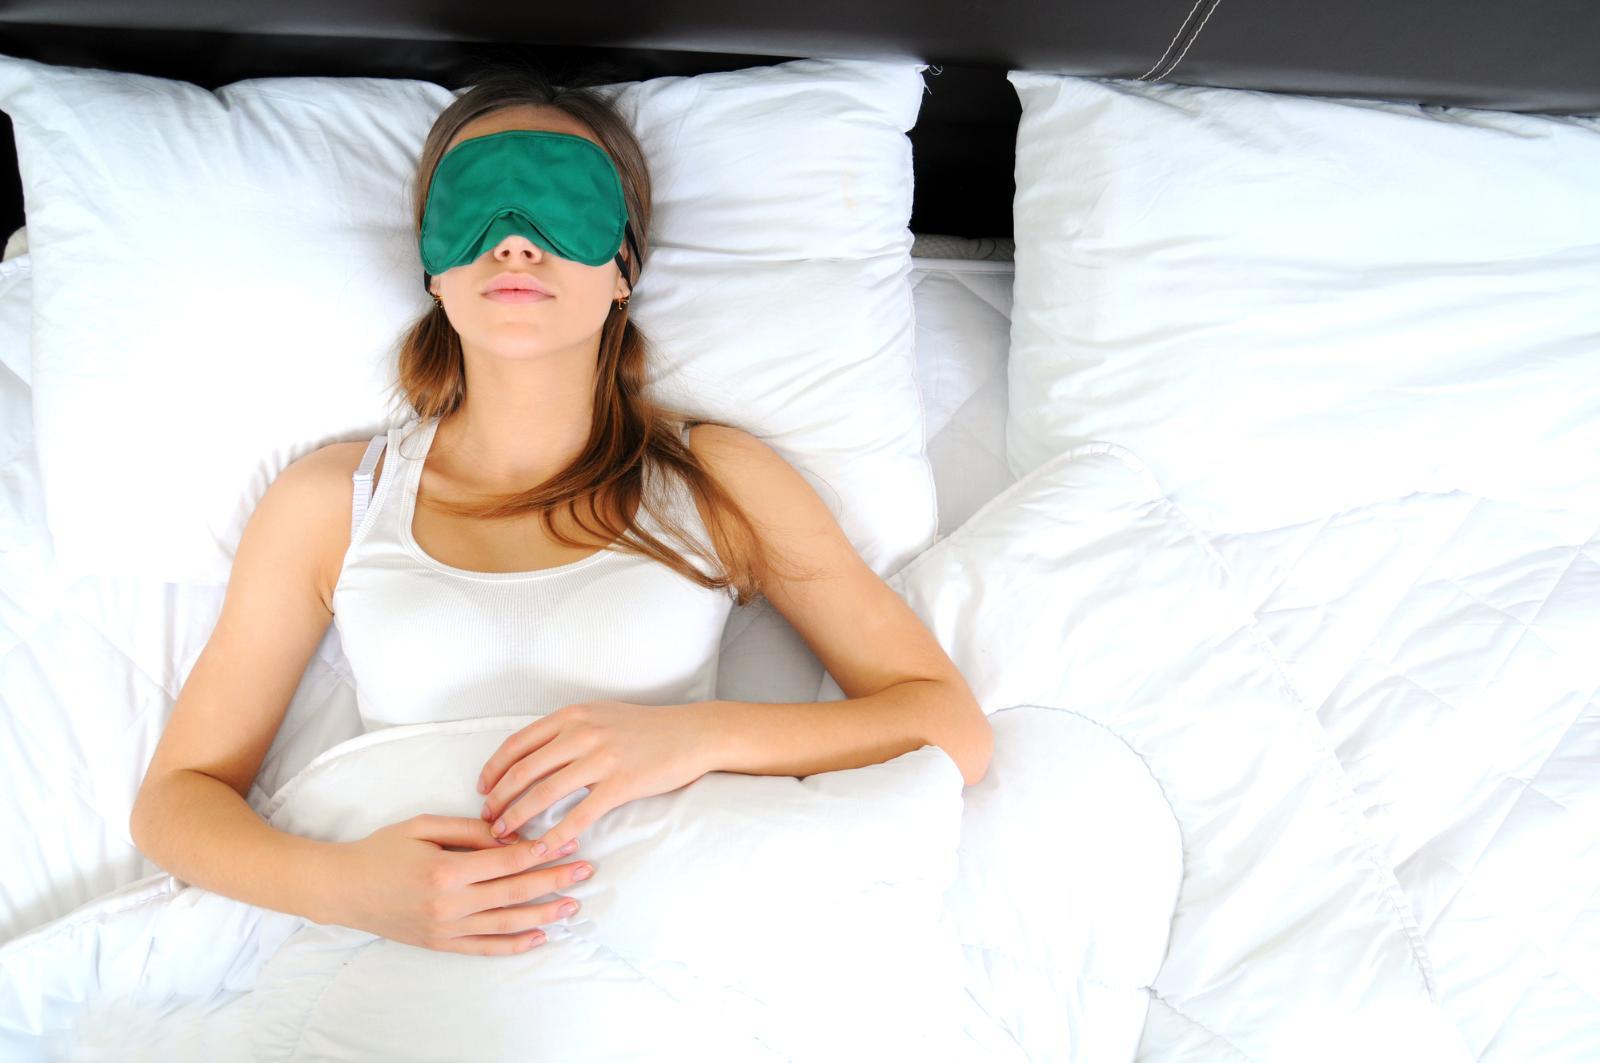 Спи, моя радость, усни! Почему мы катастрофически недосыпаем и как это изменить